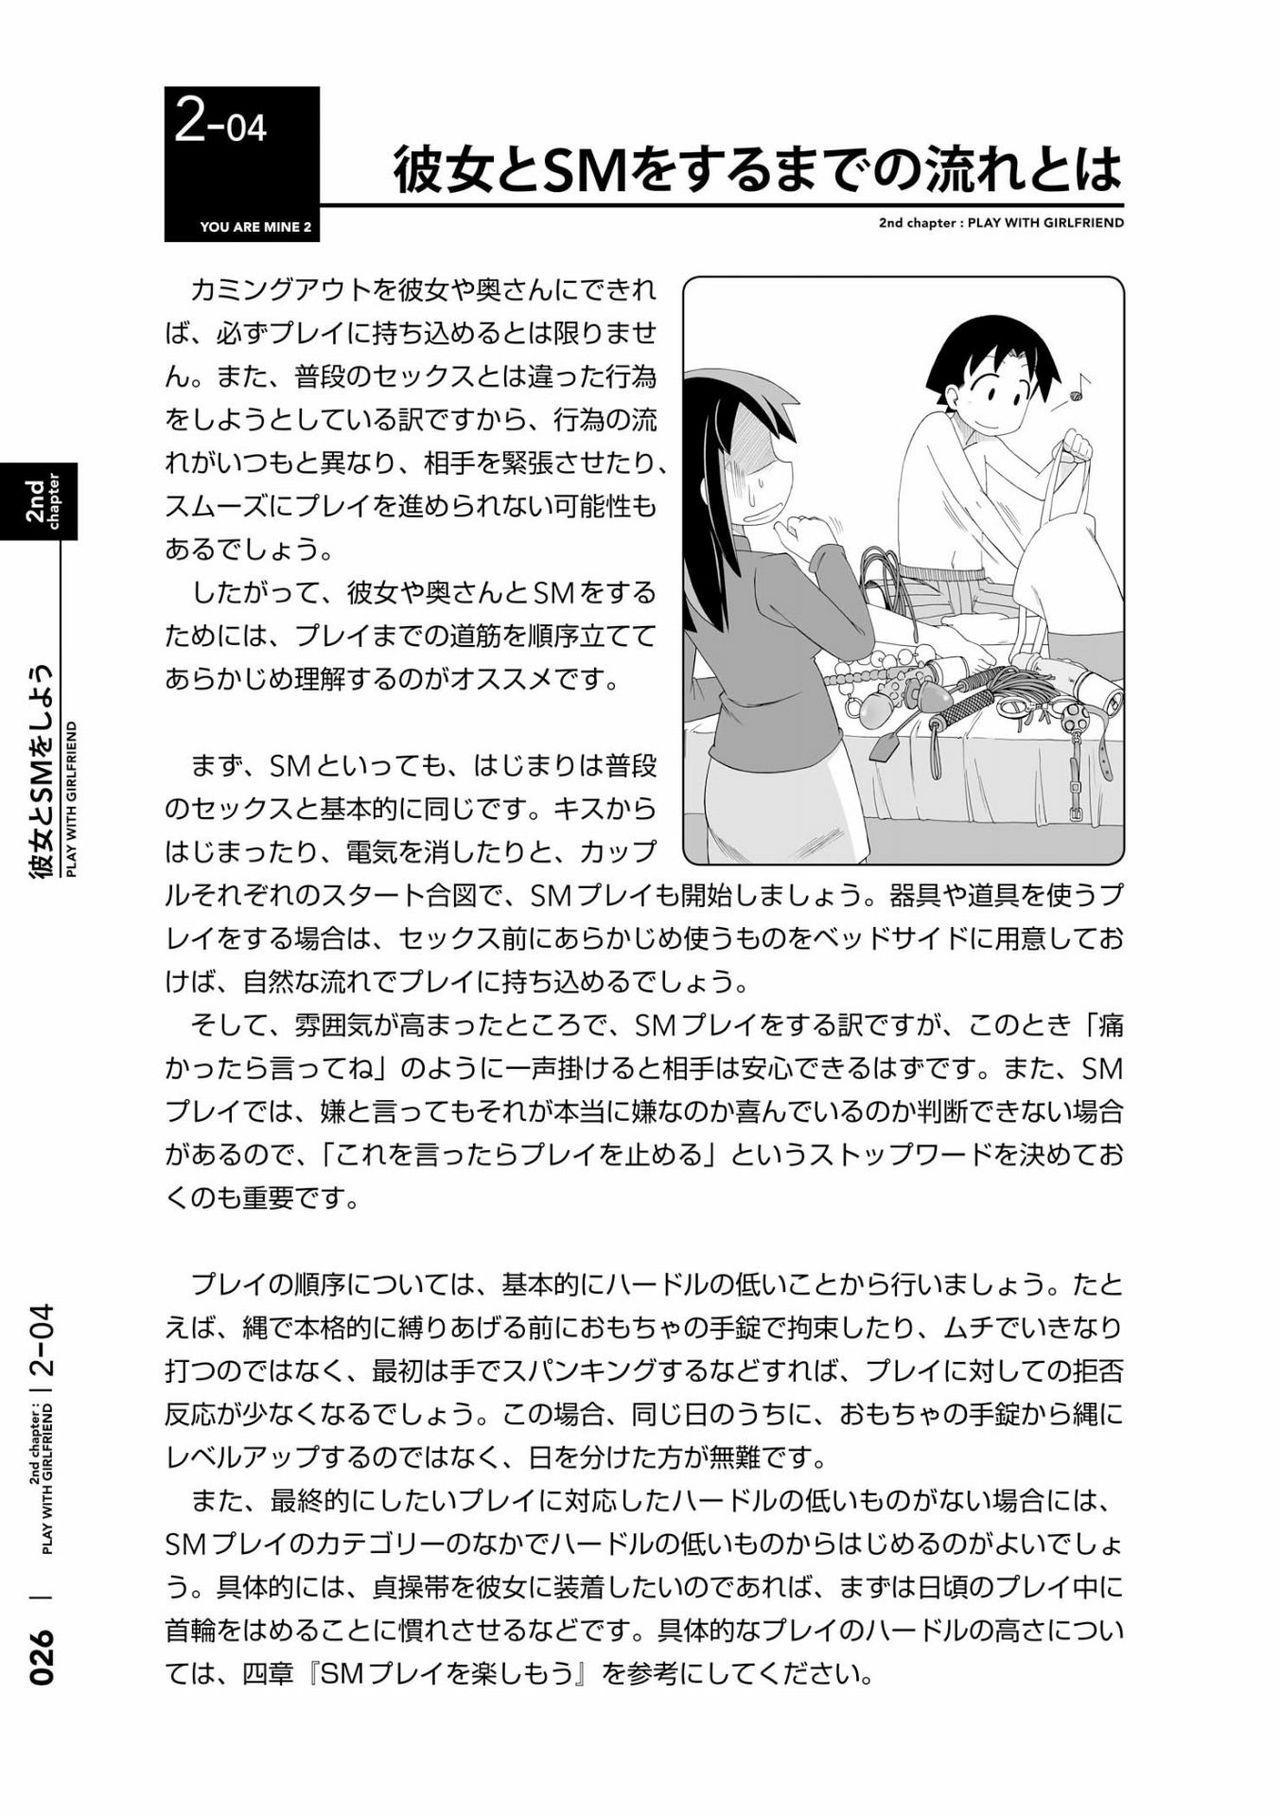 [Mitsuba] Karada mo Kokoro mo Boku no Mono ~Hajimete no SM Guide~ 2 [Digital] 28